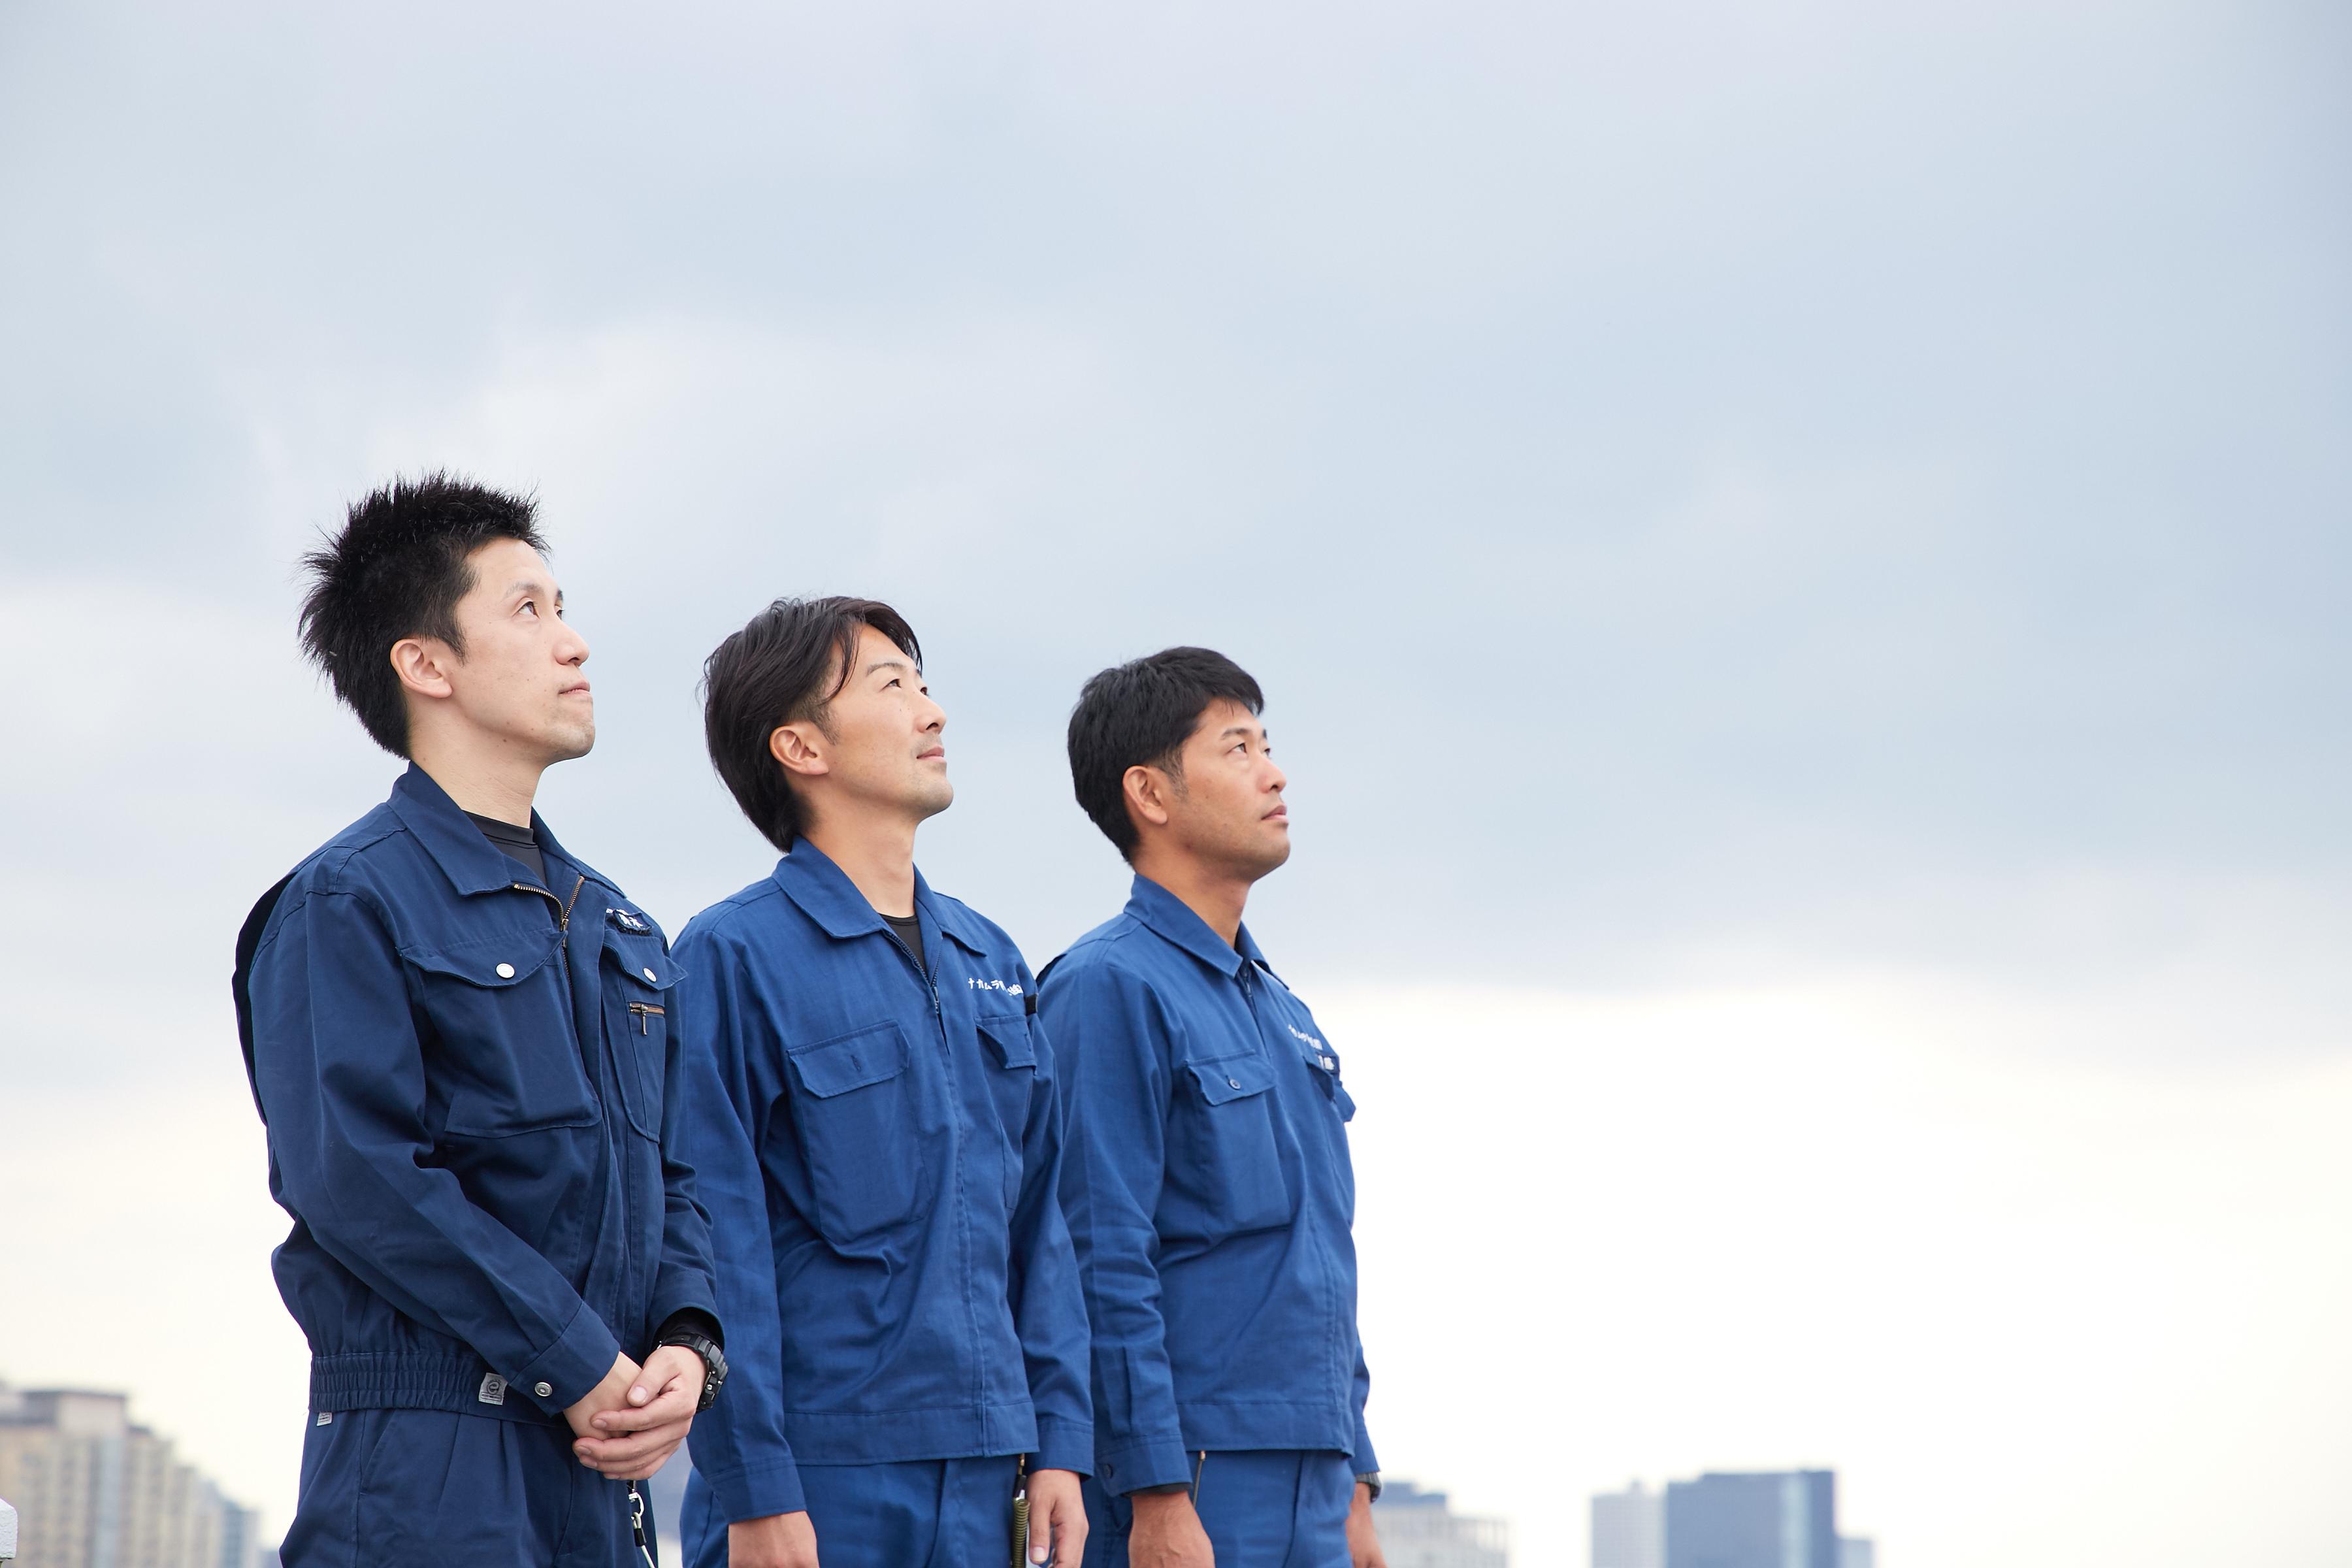 東京で消防設備点検業者を選ぶ時に失敗しない為のポイント7つ